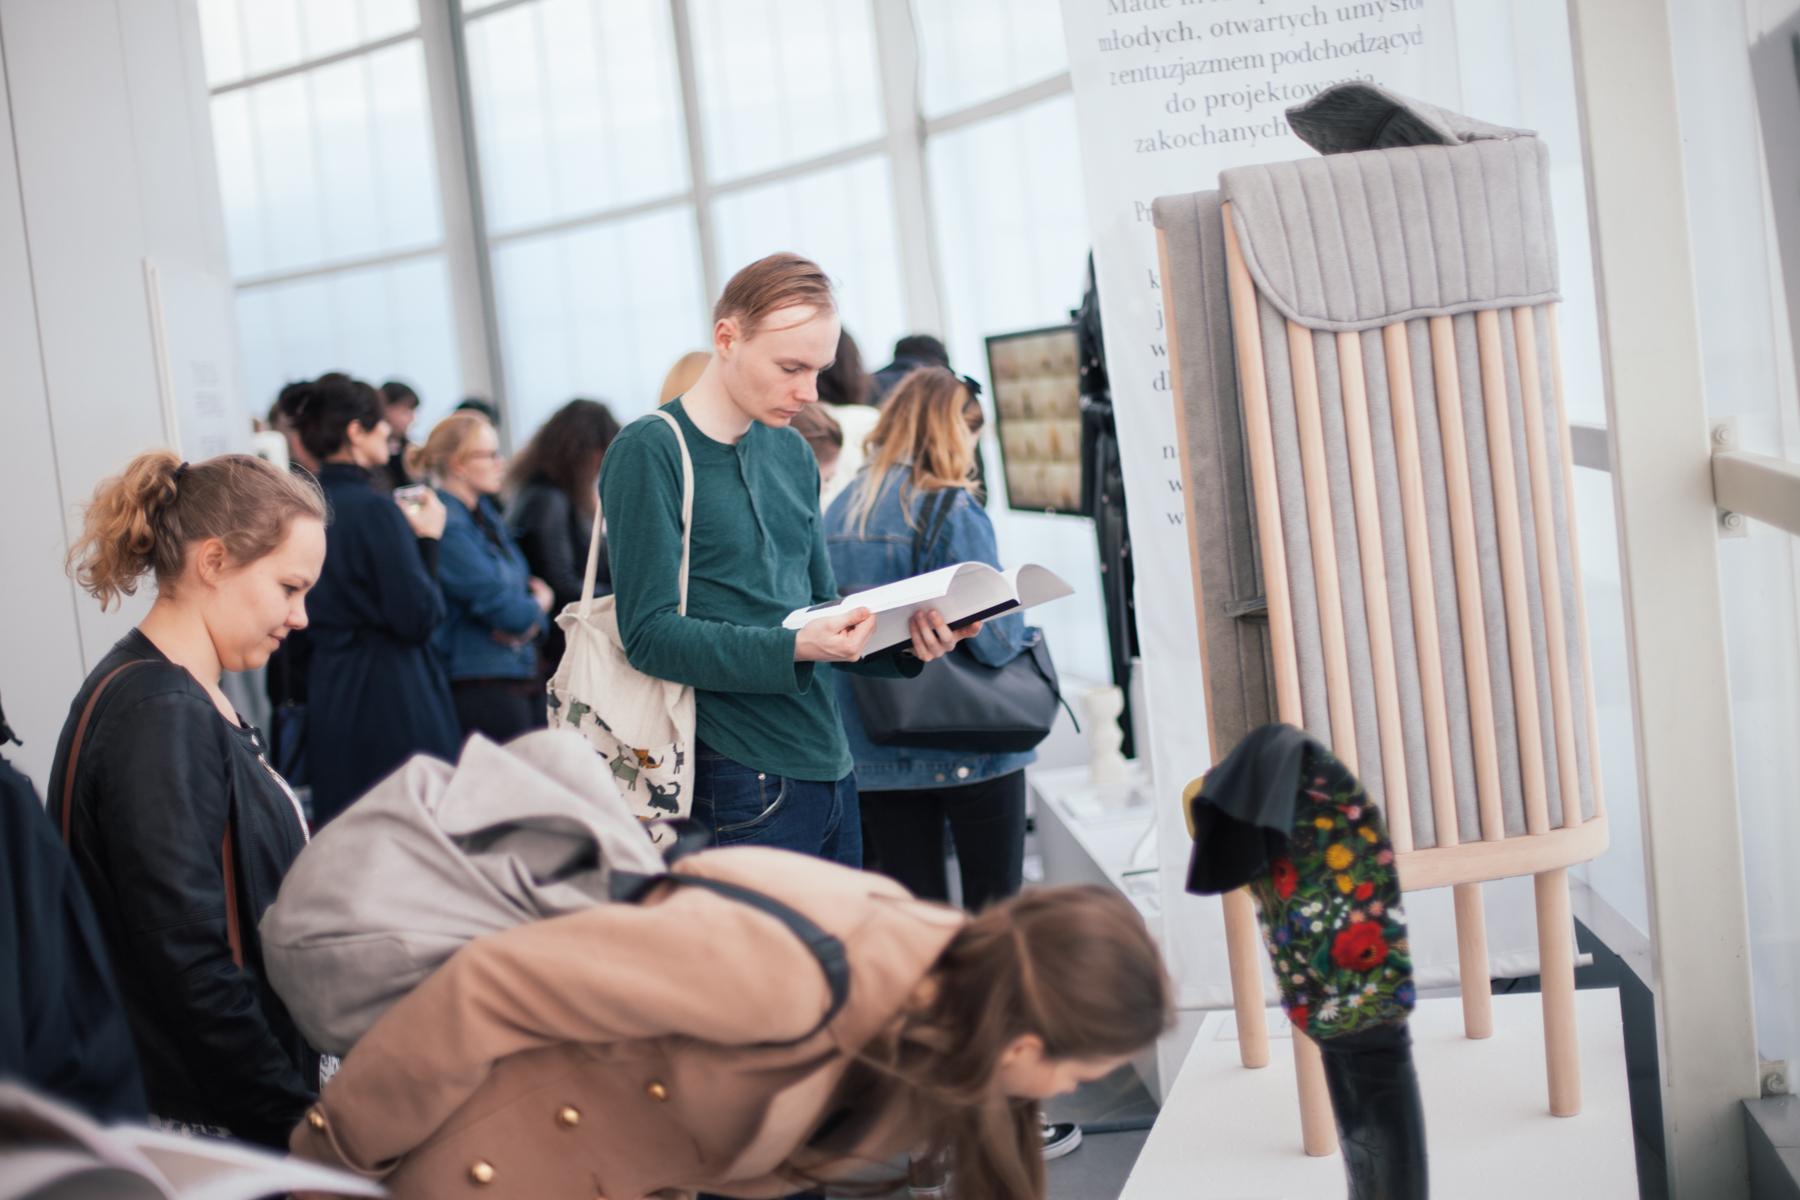 Wystawa prac wszystkich półfinalistów odbywa się w ramach Poznań Design Festiwal w Nowej Gazowni w Poznaniu. Czynna będzie do 20 maja.